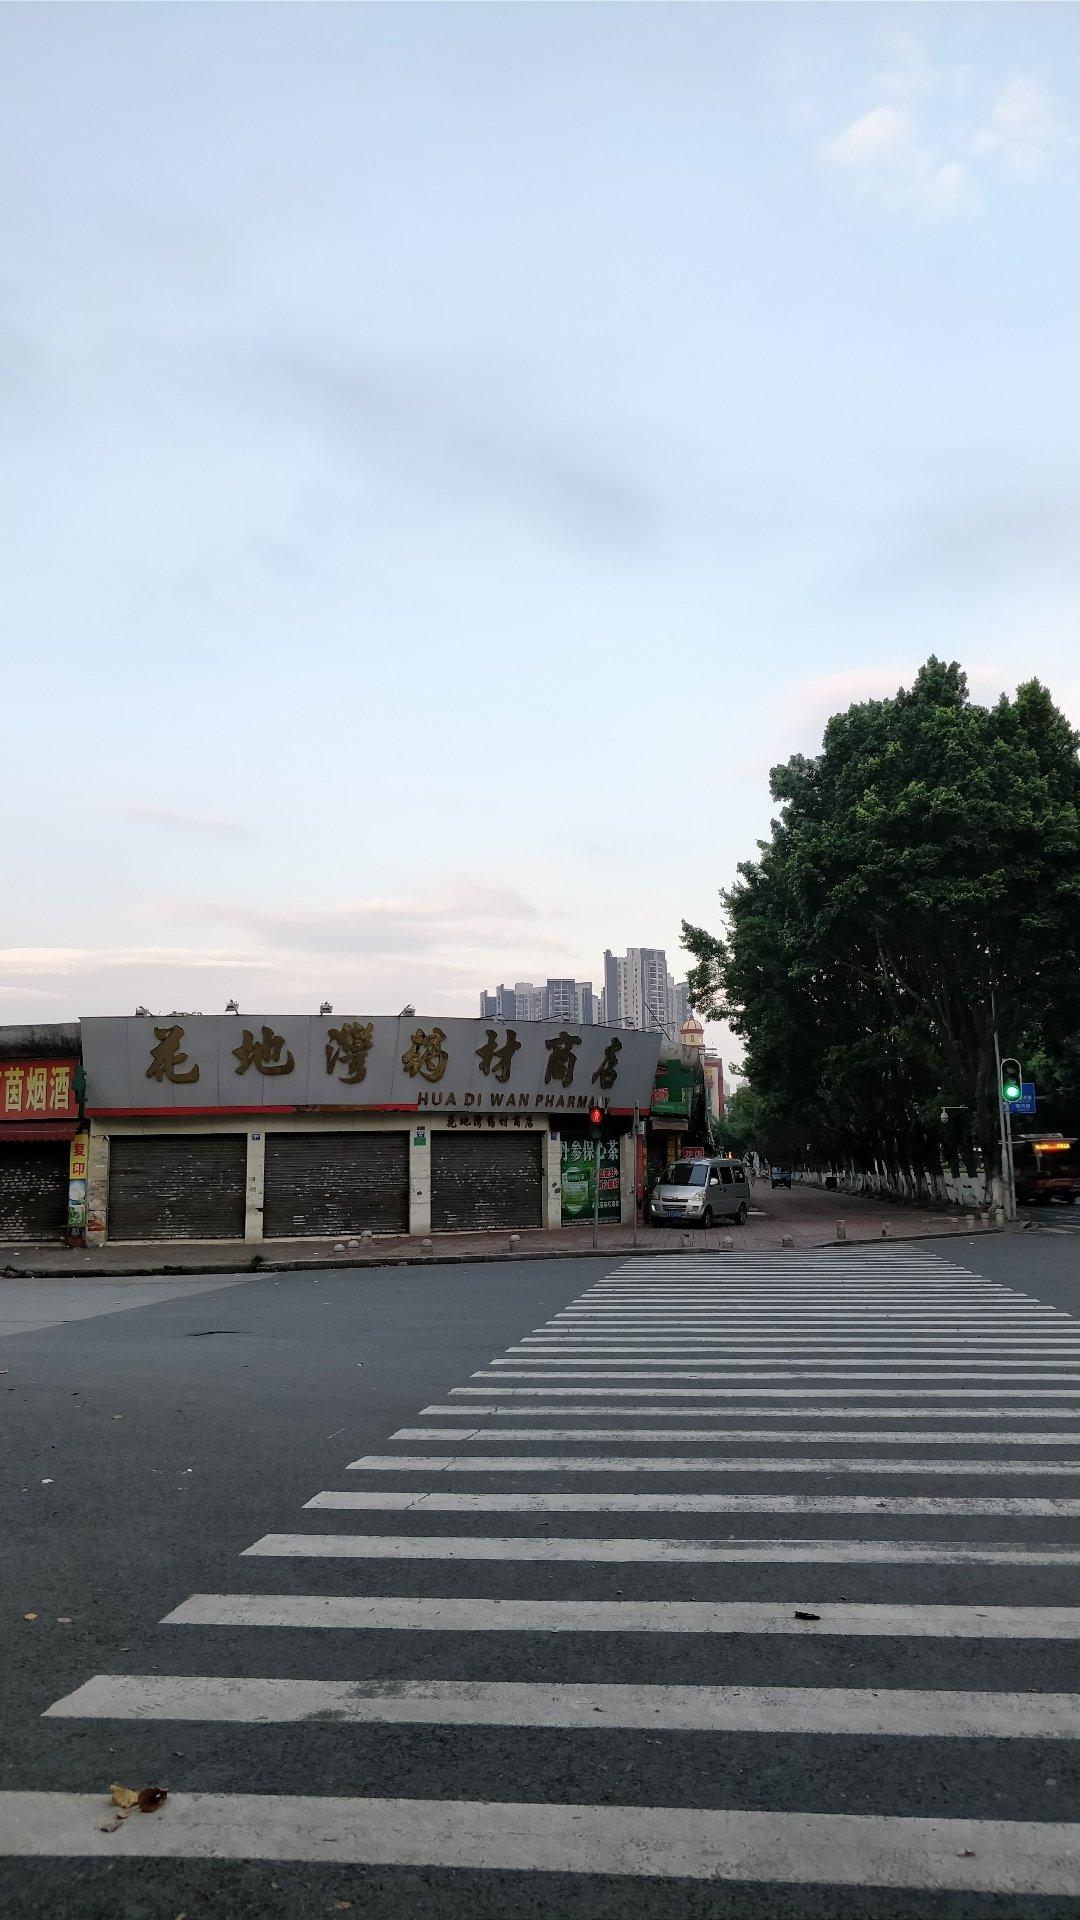 广东省广州市荔湾区支行路5号靠近中国农业银行(花地湾初中)天气预报培优花蕾书图片